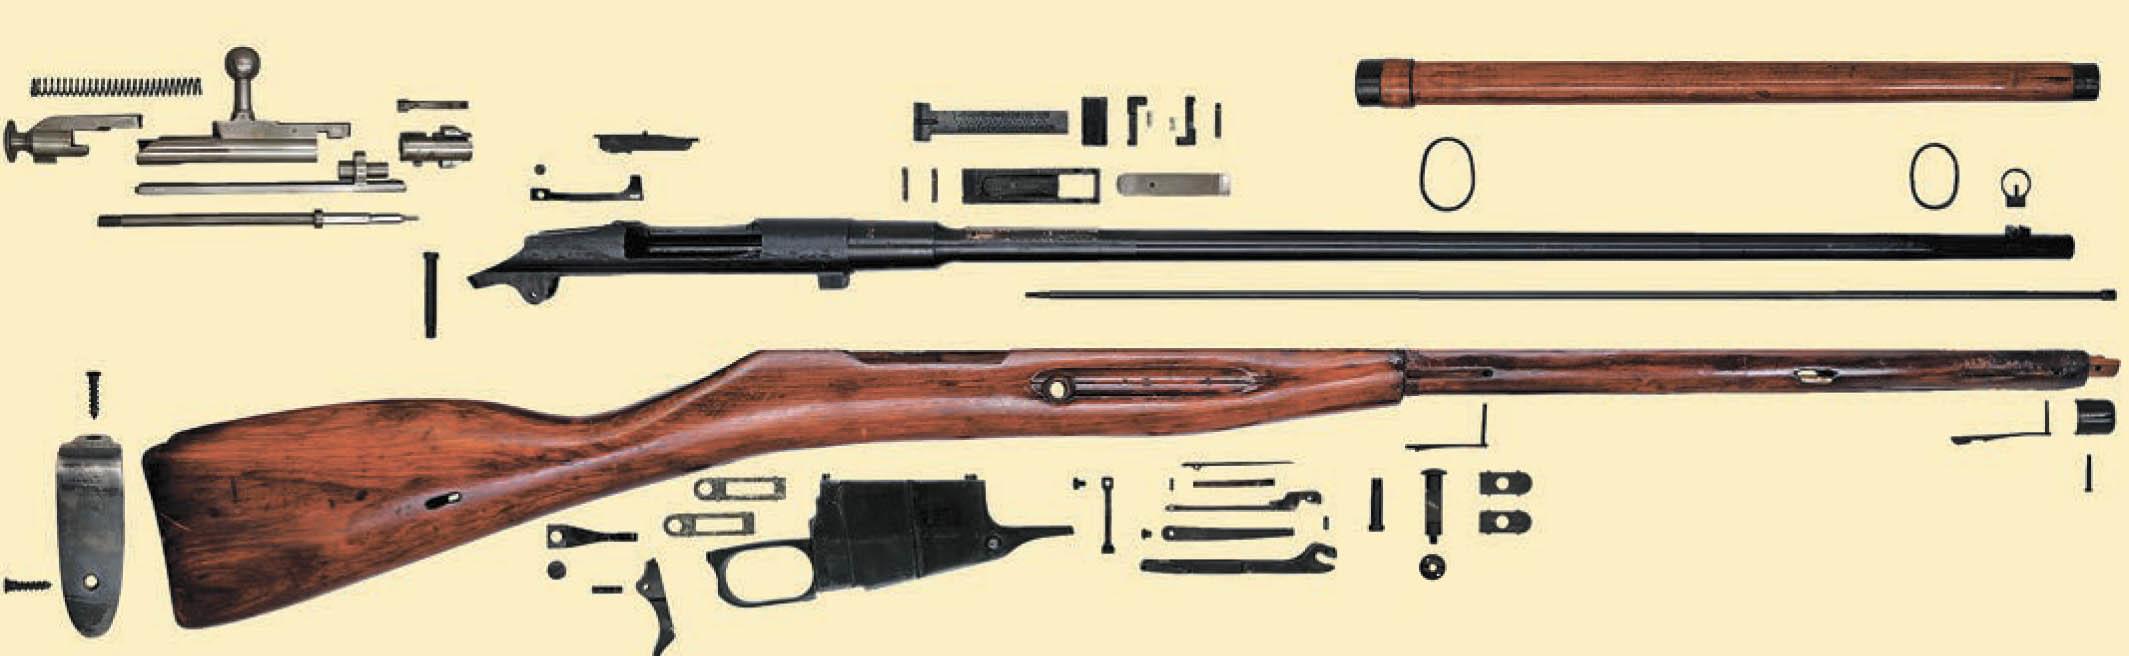 Полная разборка винтовки Мосина